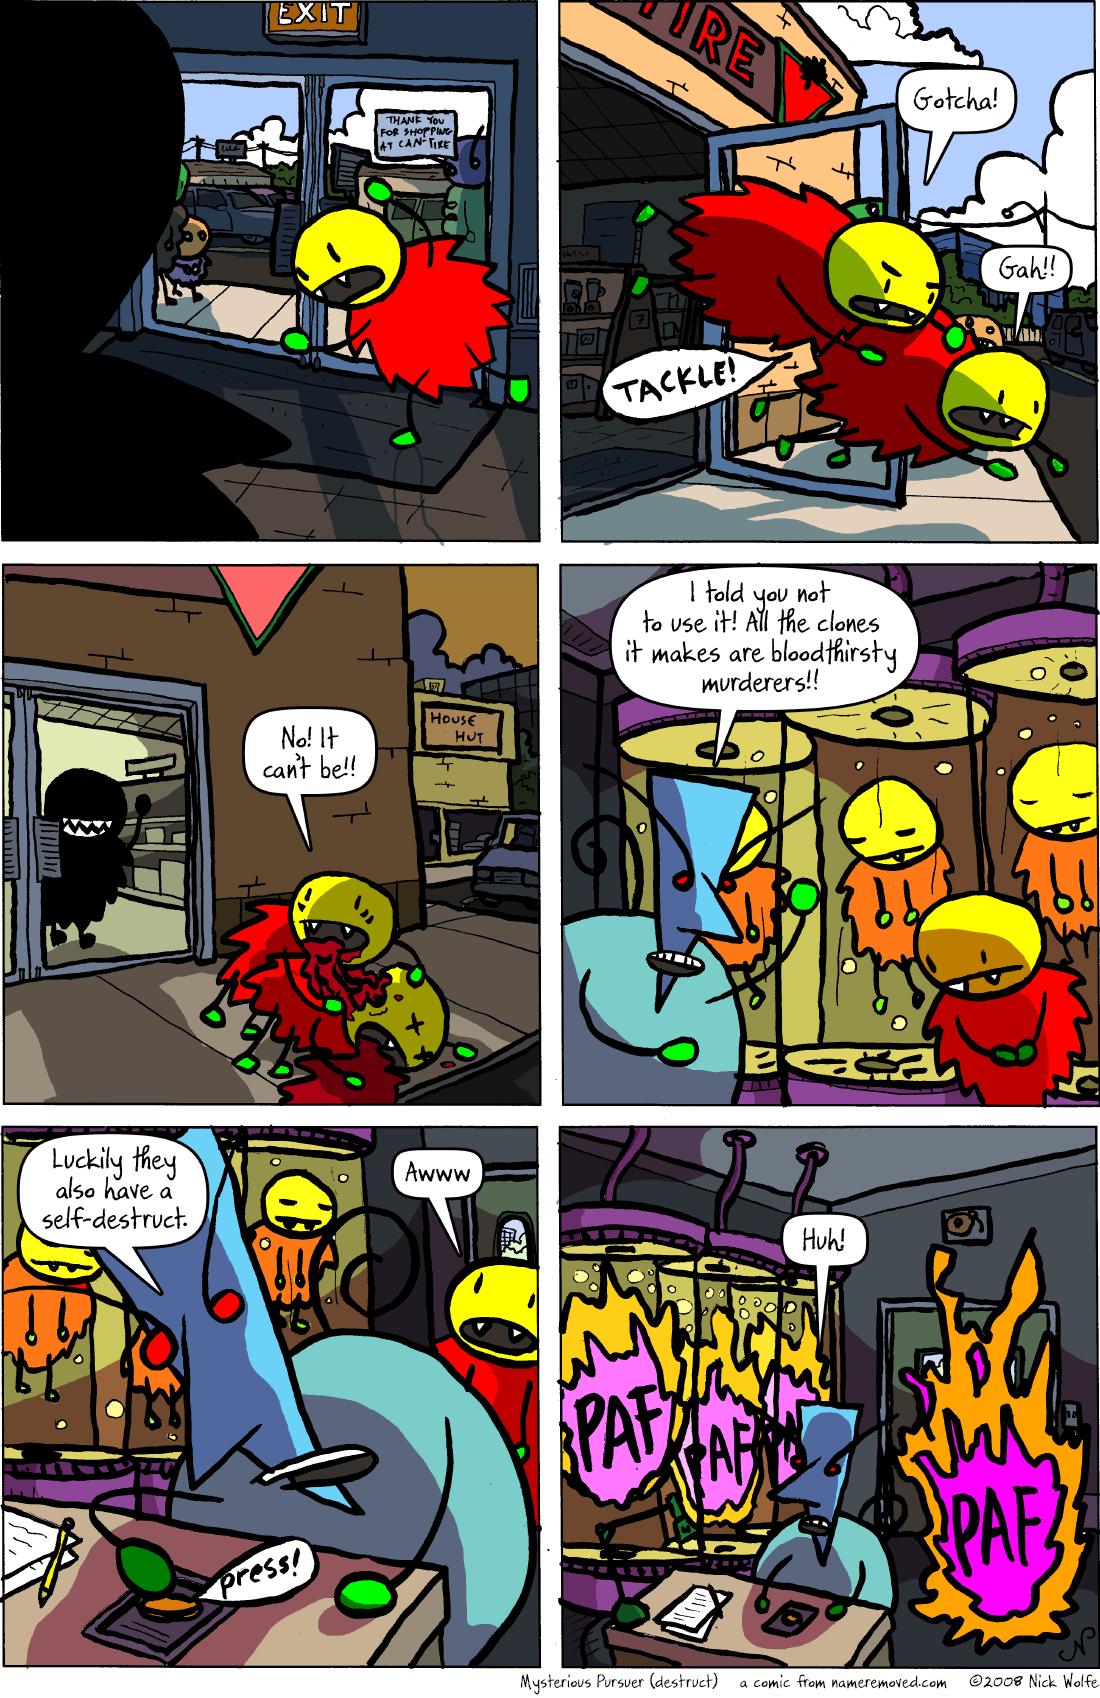 Mysterious Pursuer (destruct)